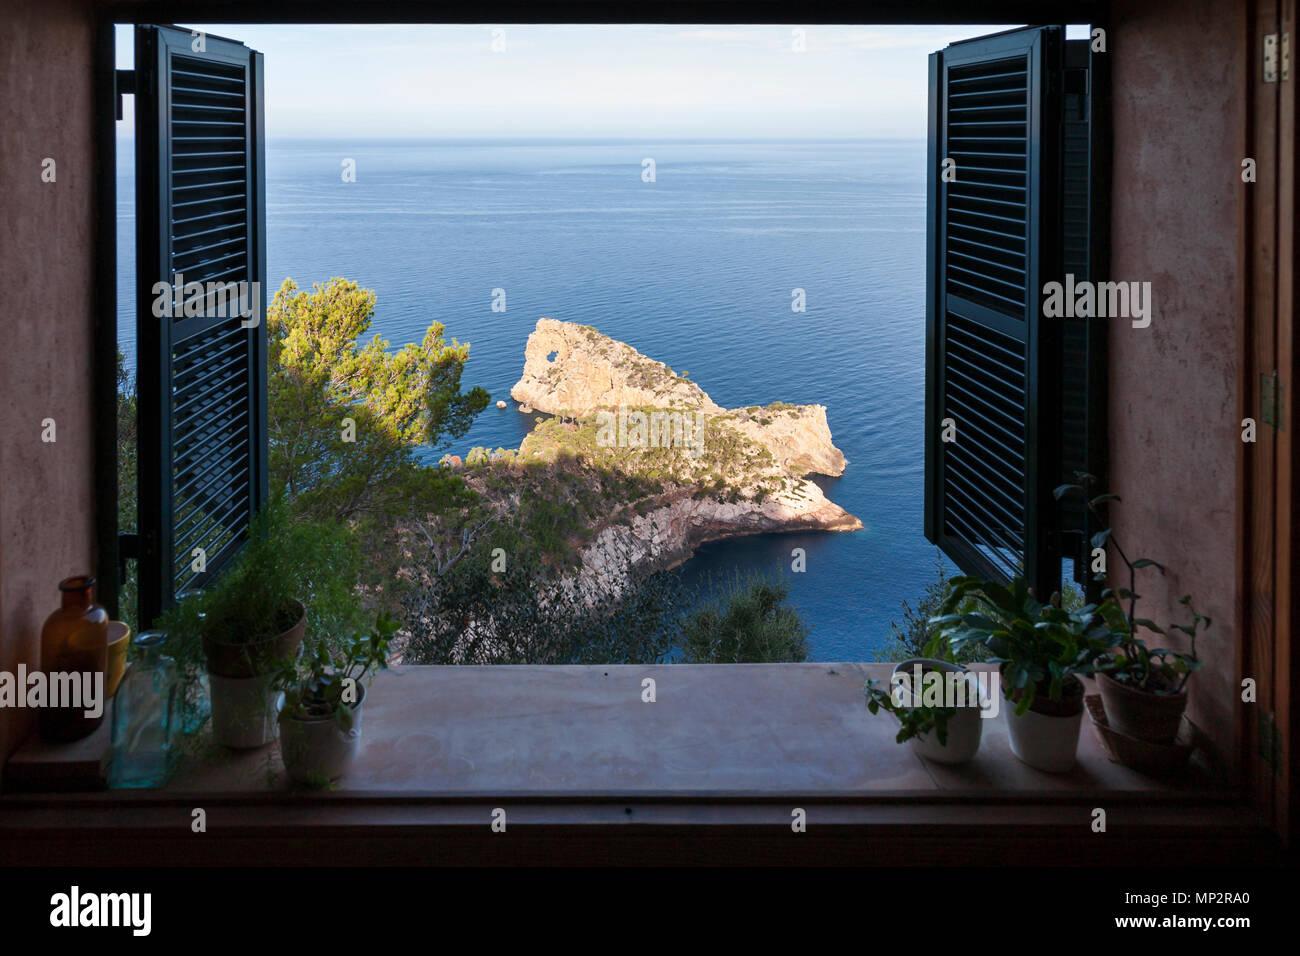 View through an open window of the Punta de  Sa Foradada Peninsula in Deia, Mallorca. - Stock Image